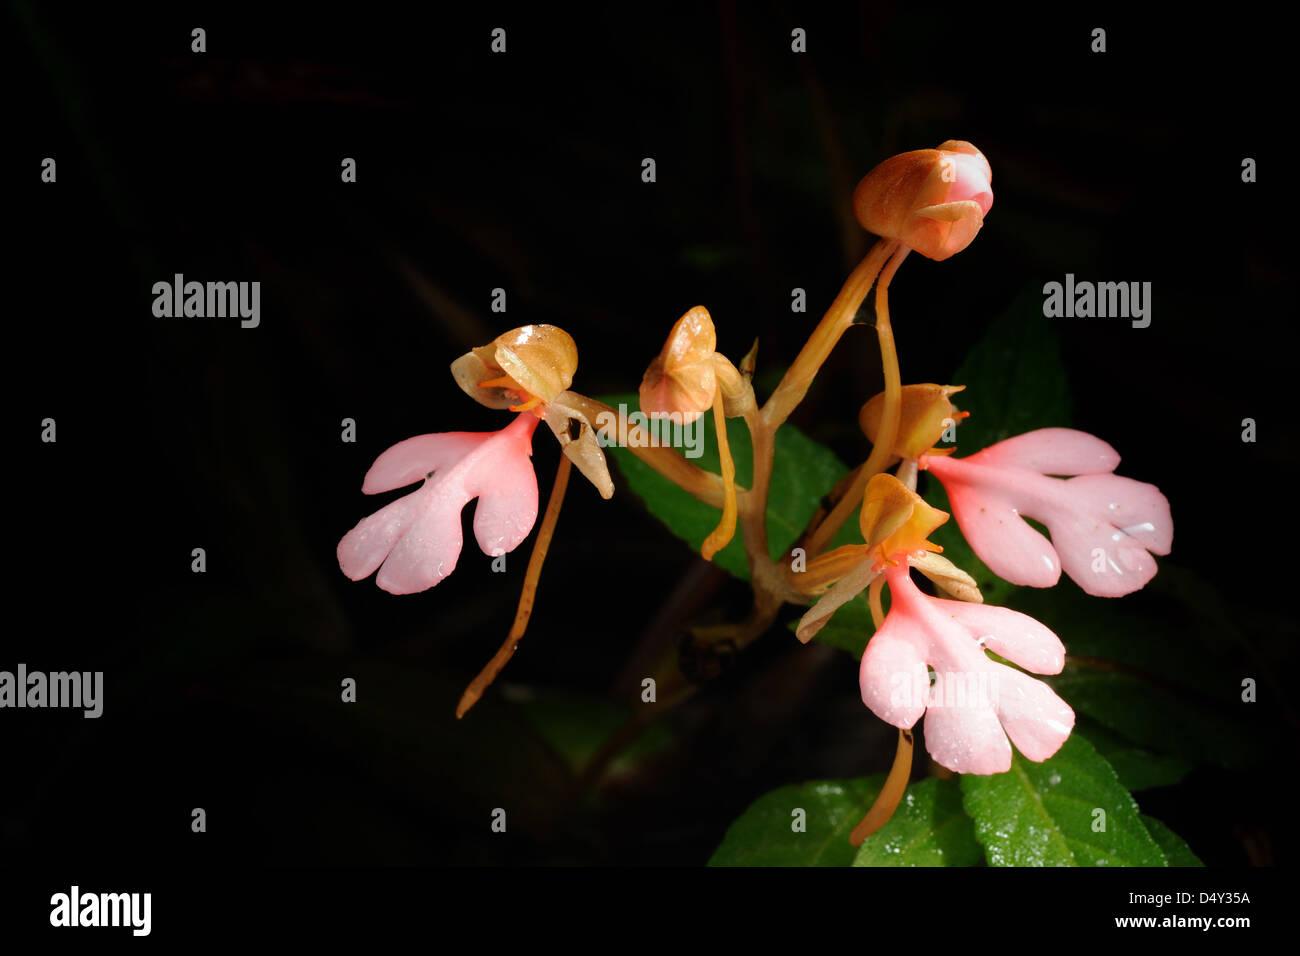 La Habenaria Pink-Lipped (Rosa Snap Dragon Flower) que se encuentran en las selvas tropicales, parque nacional de Tailandia. Foto de stock